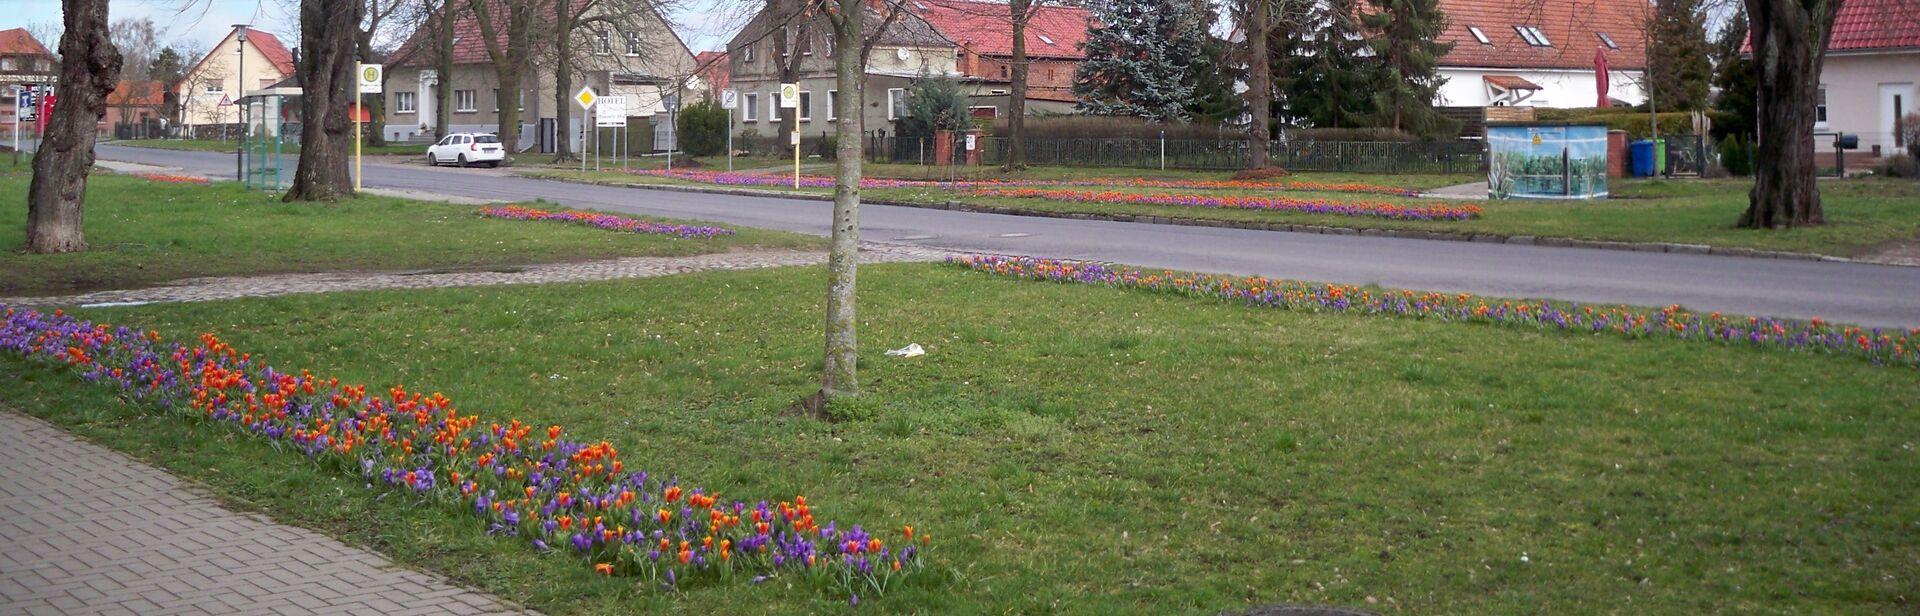 hoppegarten single heute